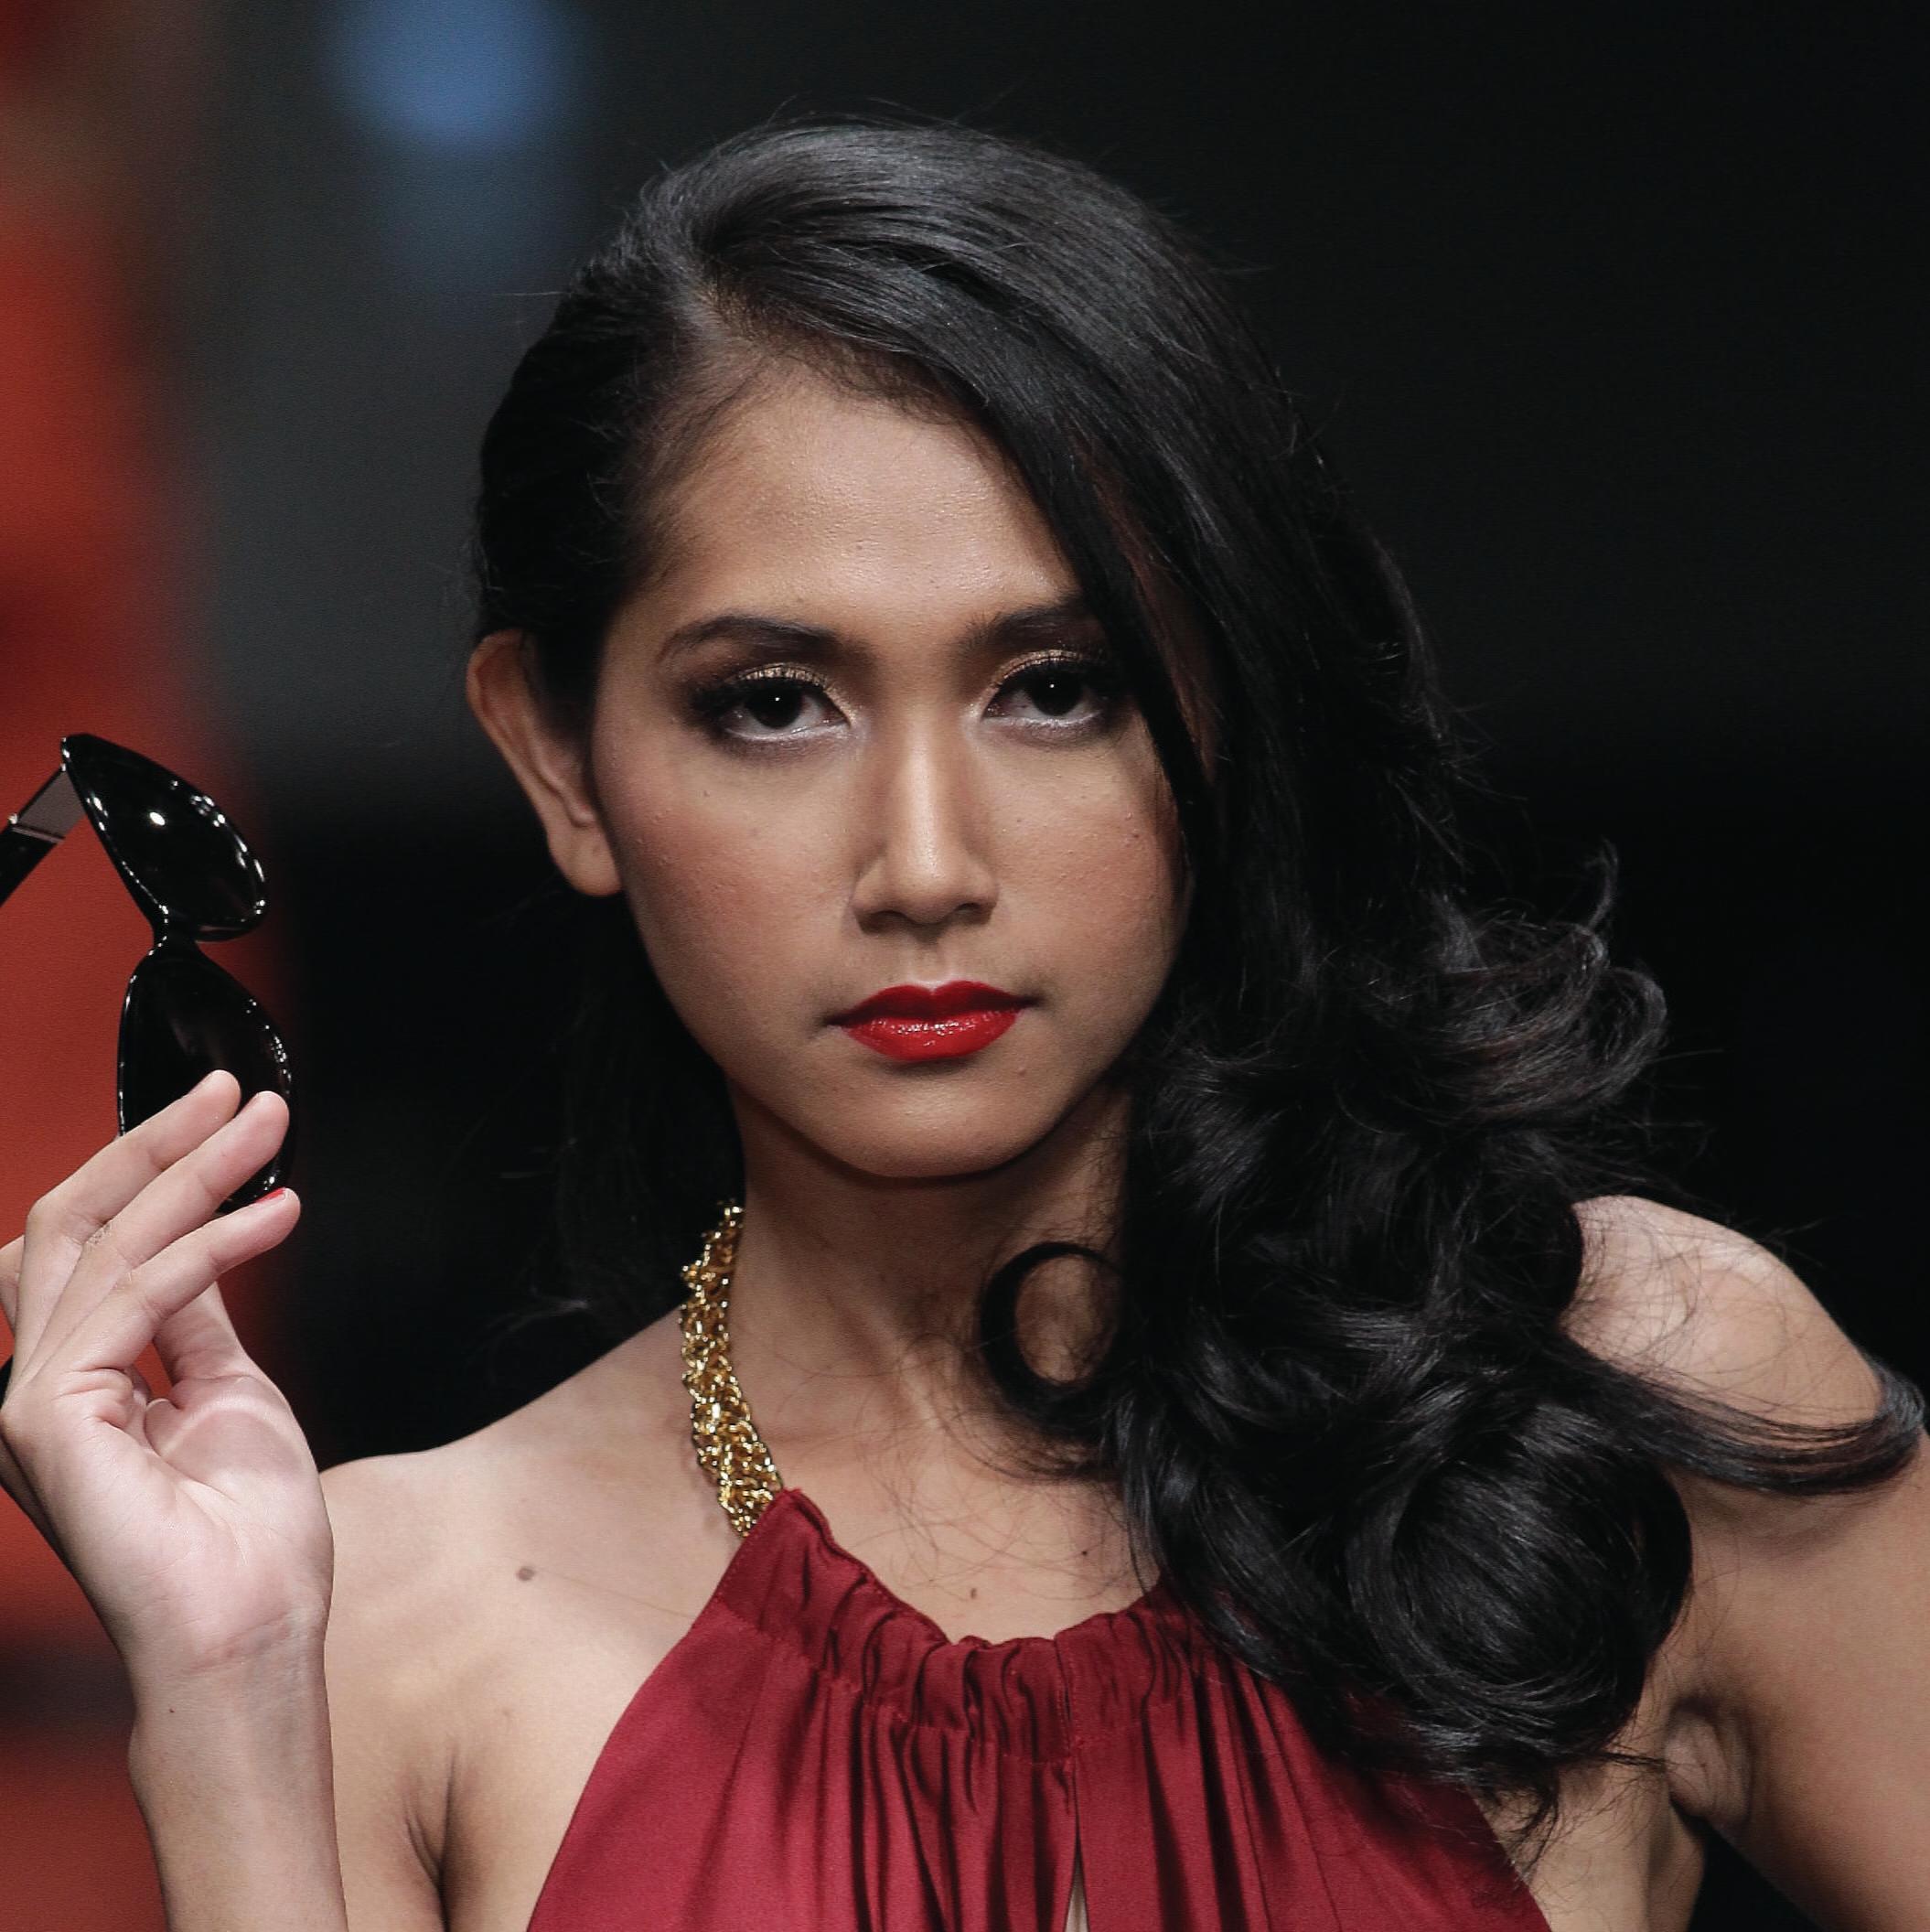 Coafura Jakarta